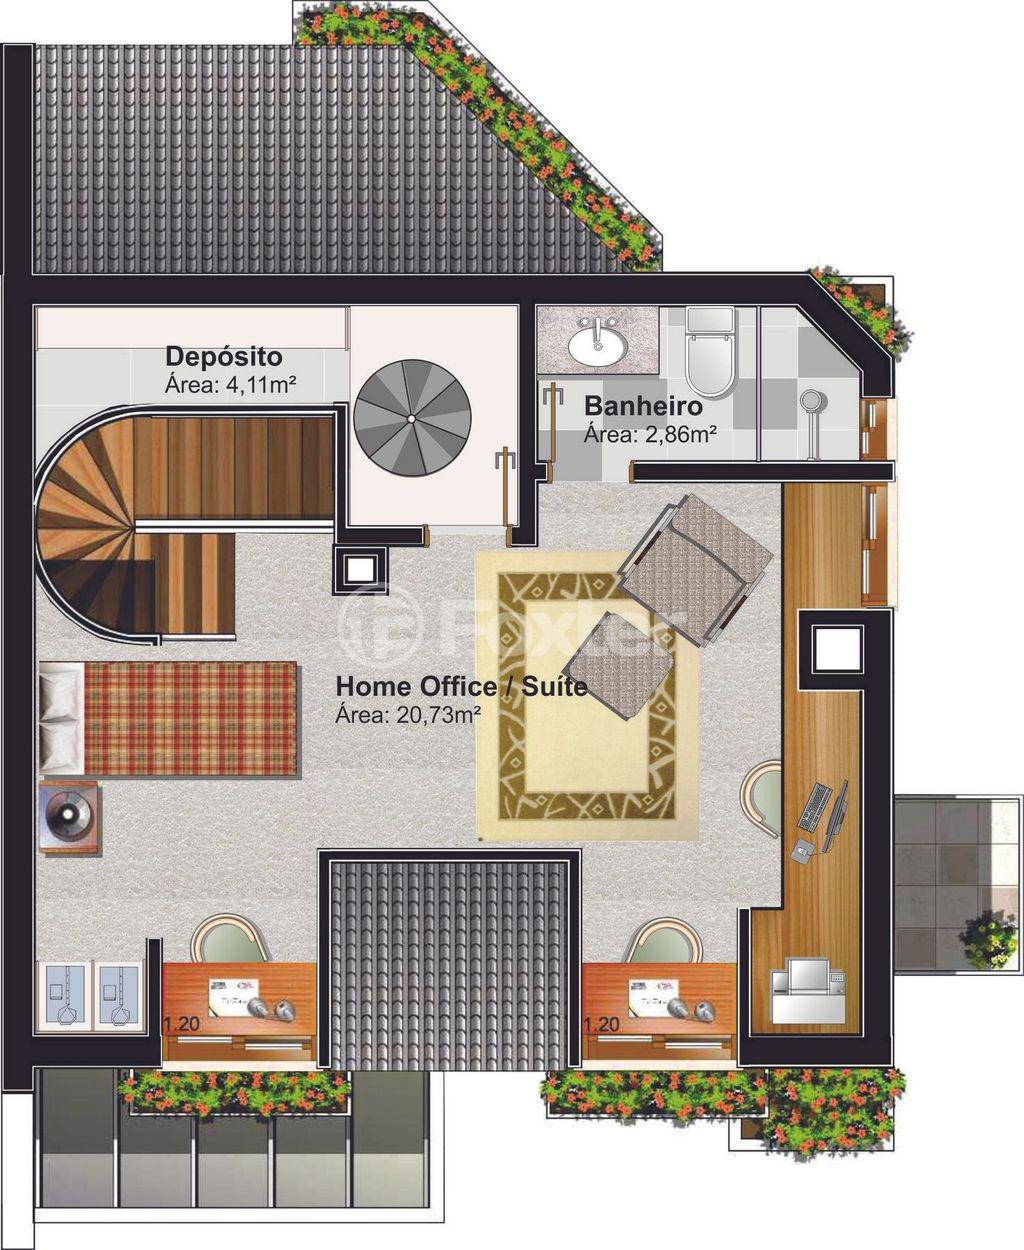 Casa 2 Dorm, Planalto, Gramado (124622) - Foto 14